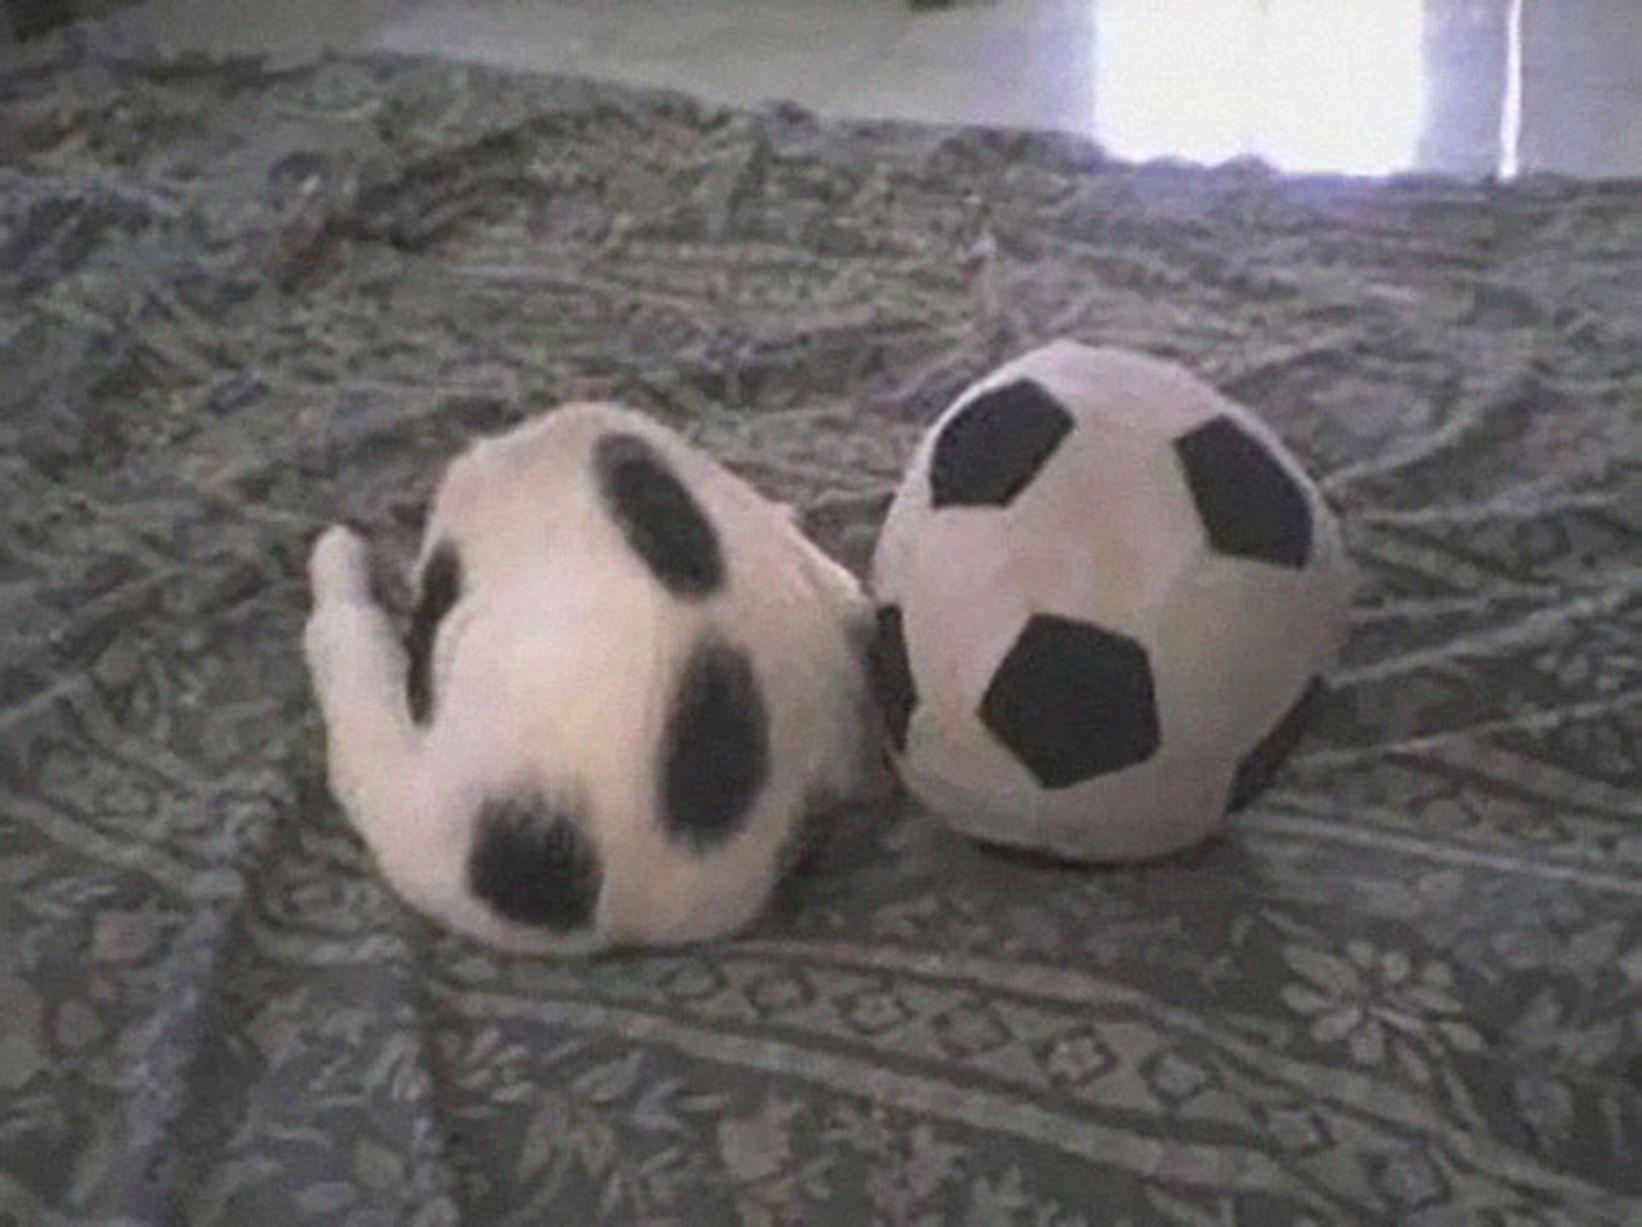 Bola asli yang mana ya ?